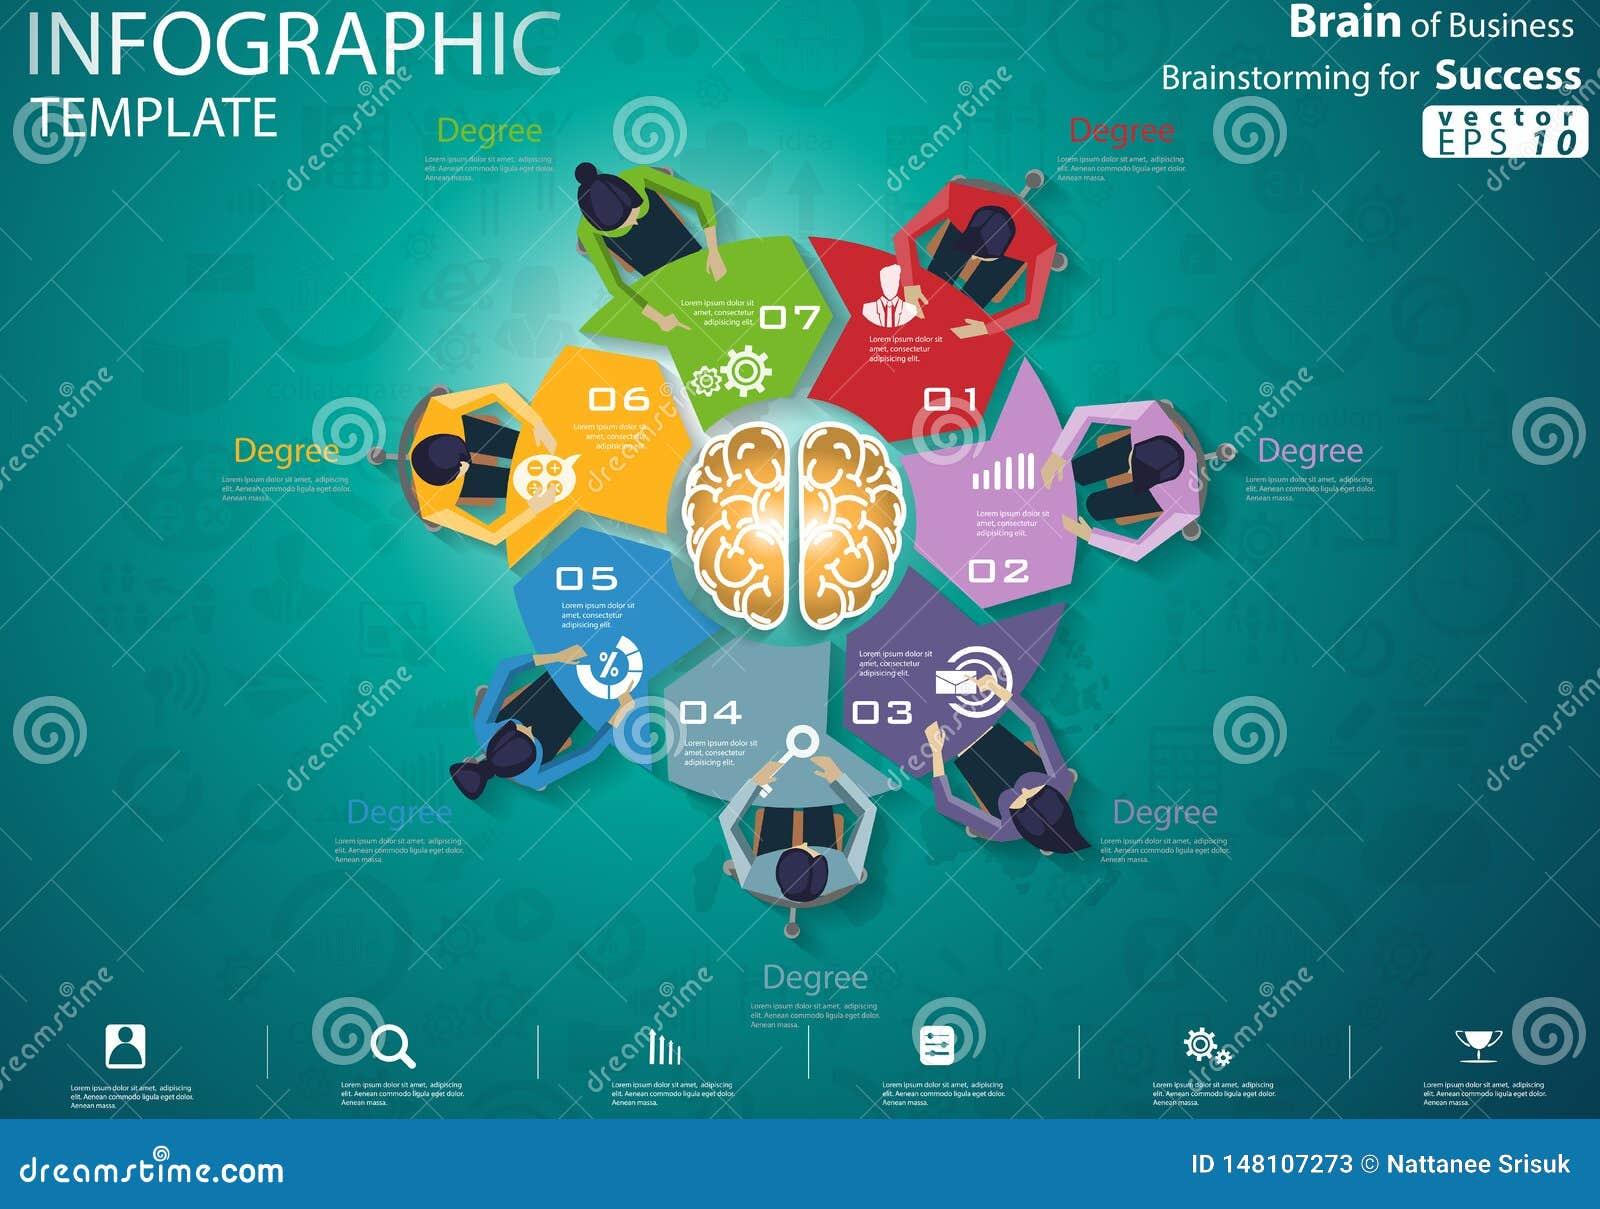 Mózg Biznesowy Brainstorming dla sukcesu nowożytnego projekta pojęcia i pomysłu Infographic Wektorowego ilustracyjnego szablonu z